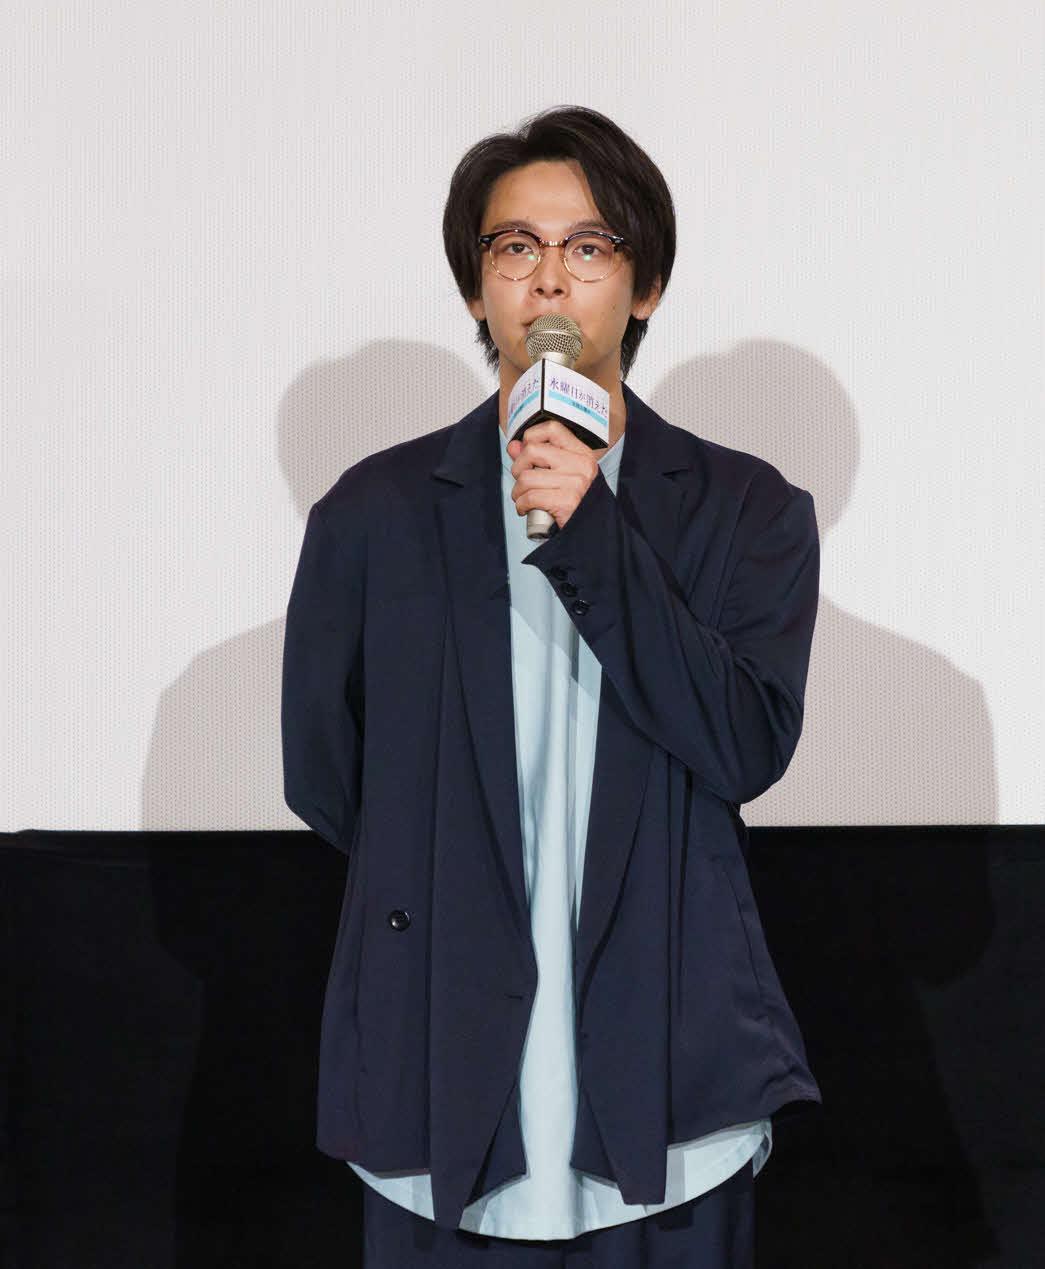 映画「水曜日が消えた」の舞台あいさつに出席した主演の中村倫也(c)2020「水曜日が消えた」製作委員会